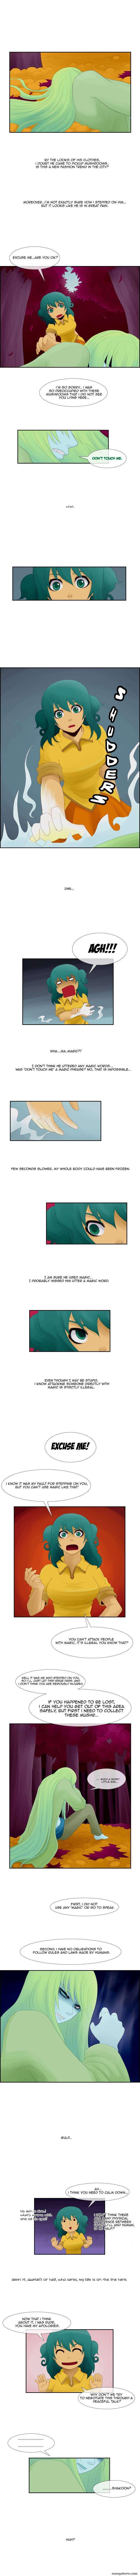 Kubera 2 Page 2